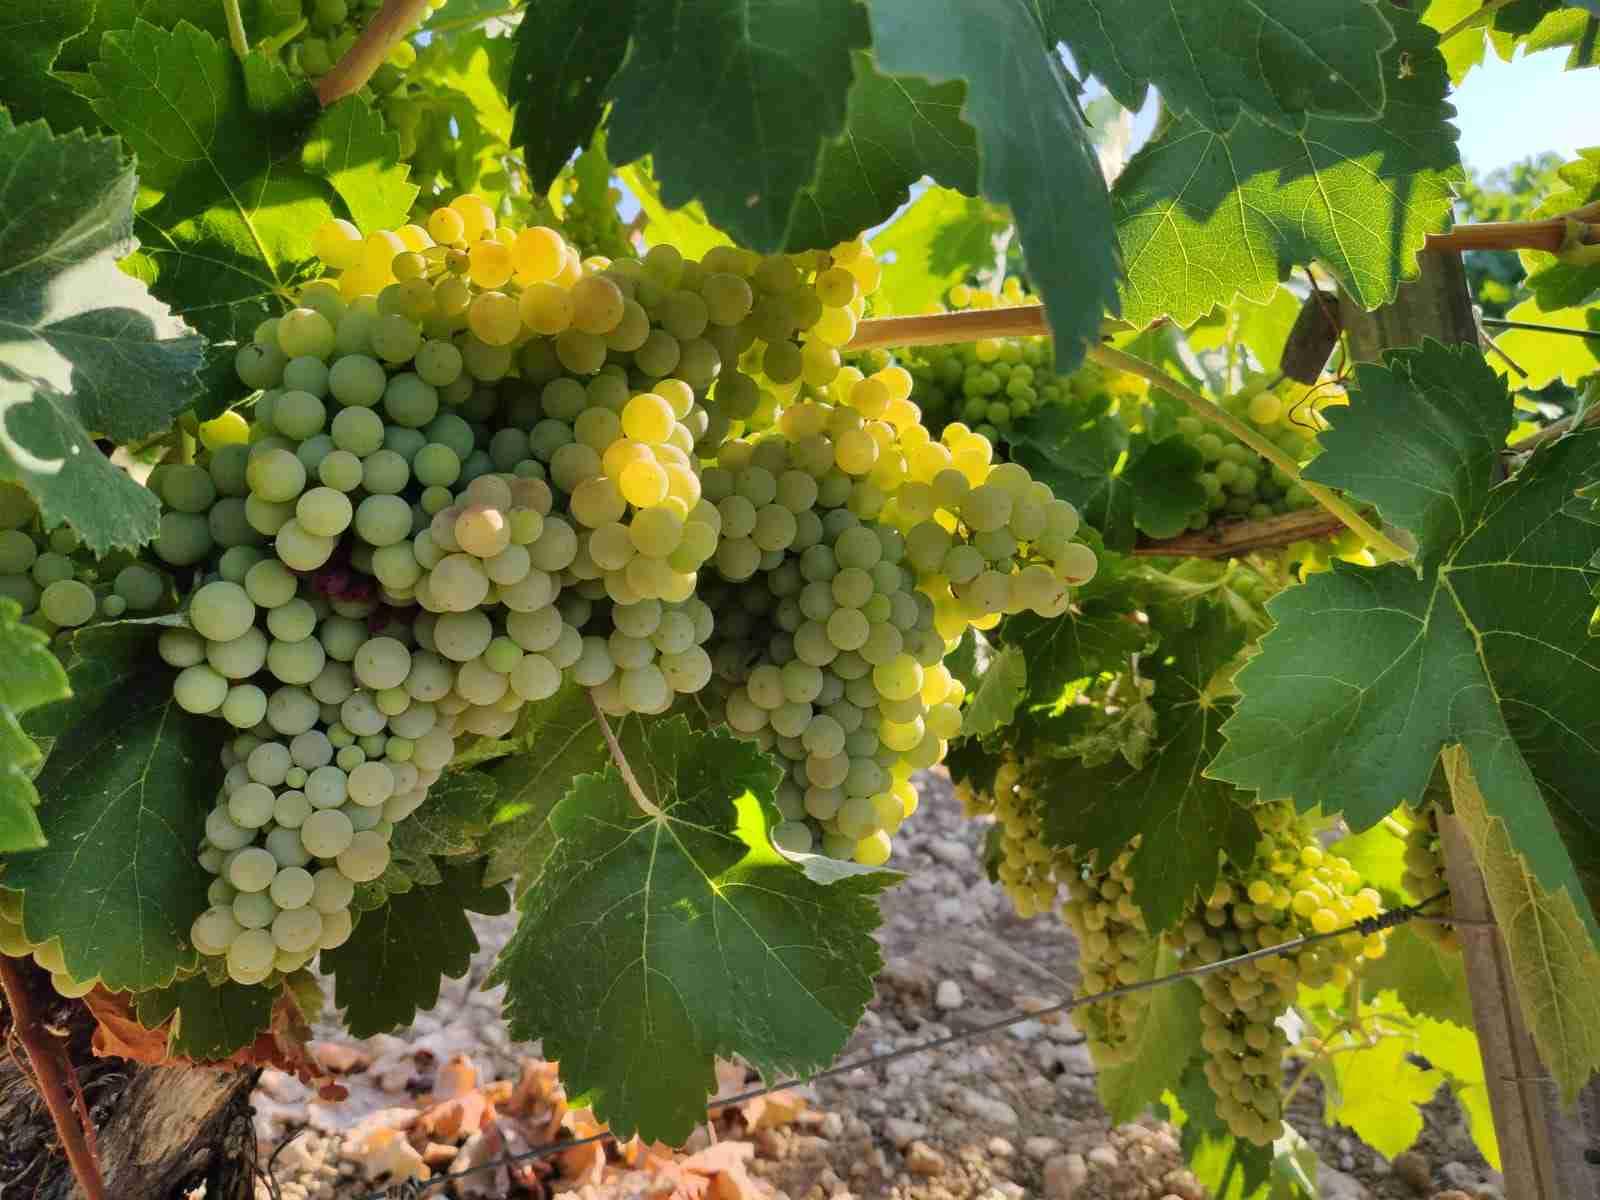 Preocupación entre los agricultores de El Progreso por los precios de la uva que se están viendo en la provincia 6